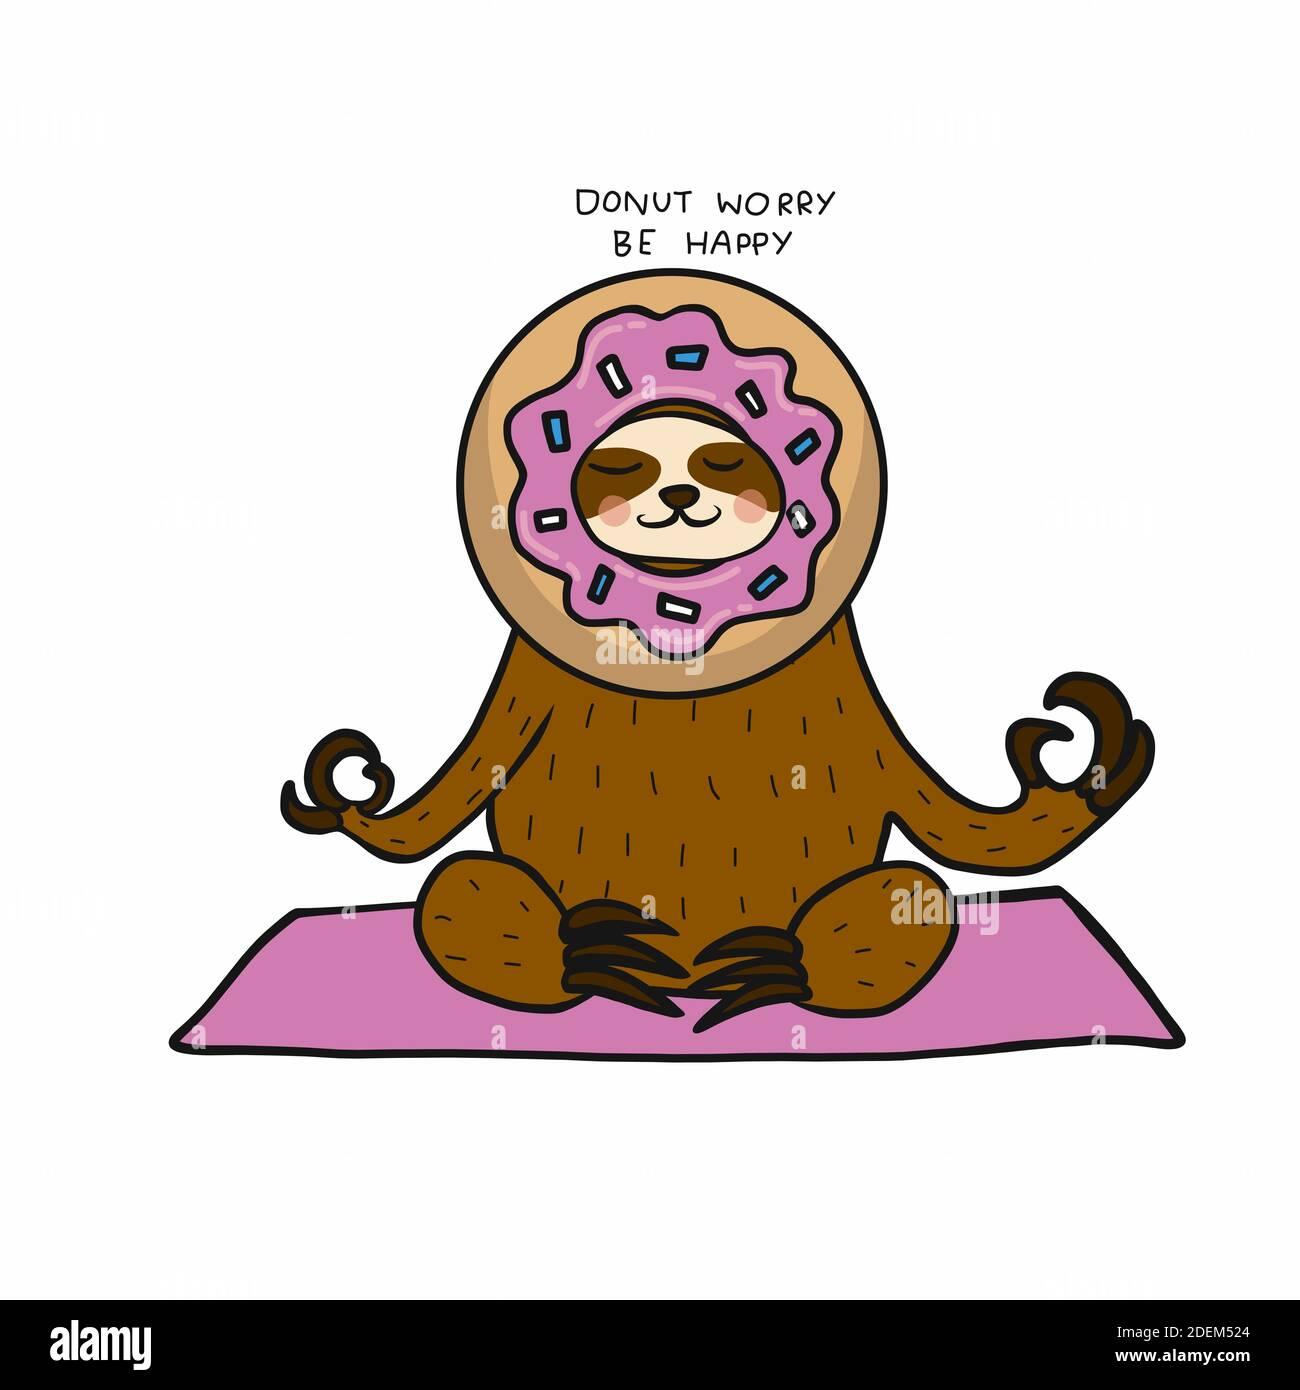 Perezoso llevar cabeza de donut, Donut preocupación ser feliz dibujo vectorial de dibujos animados Ilustración del Vector